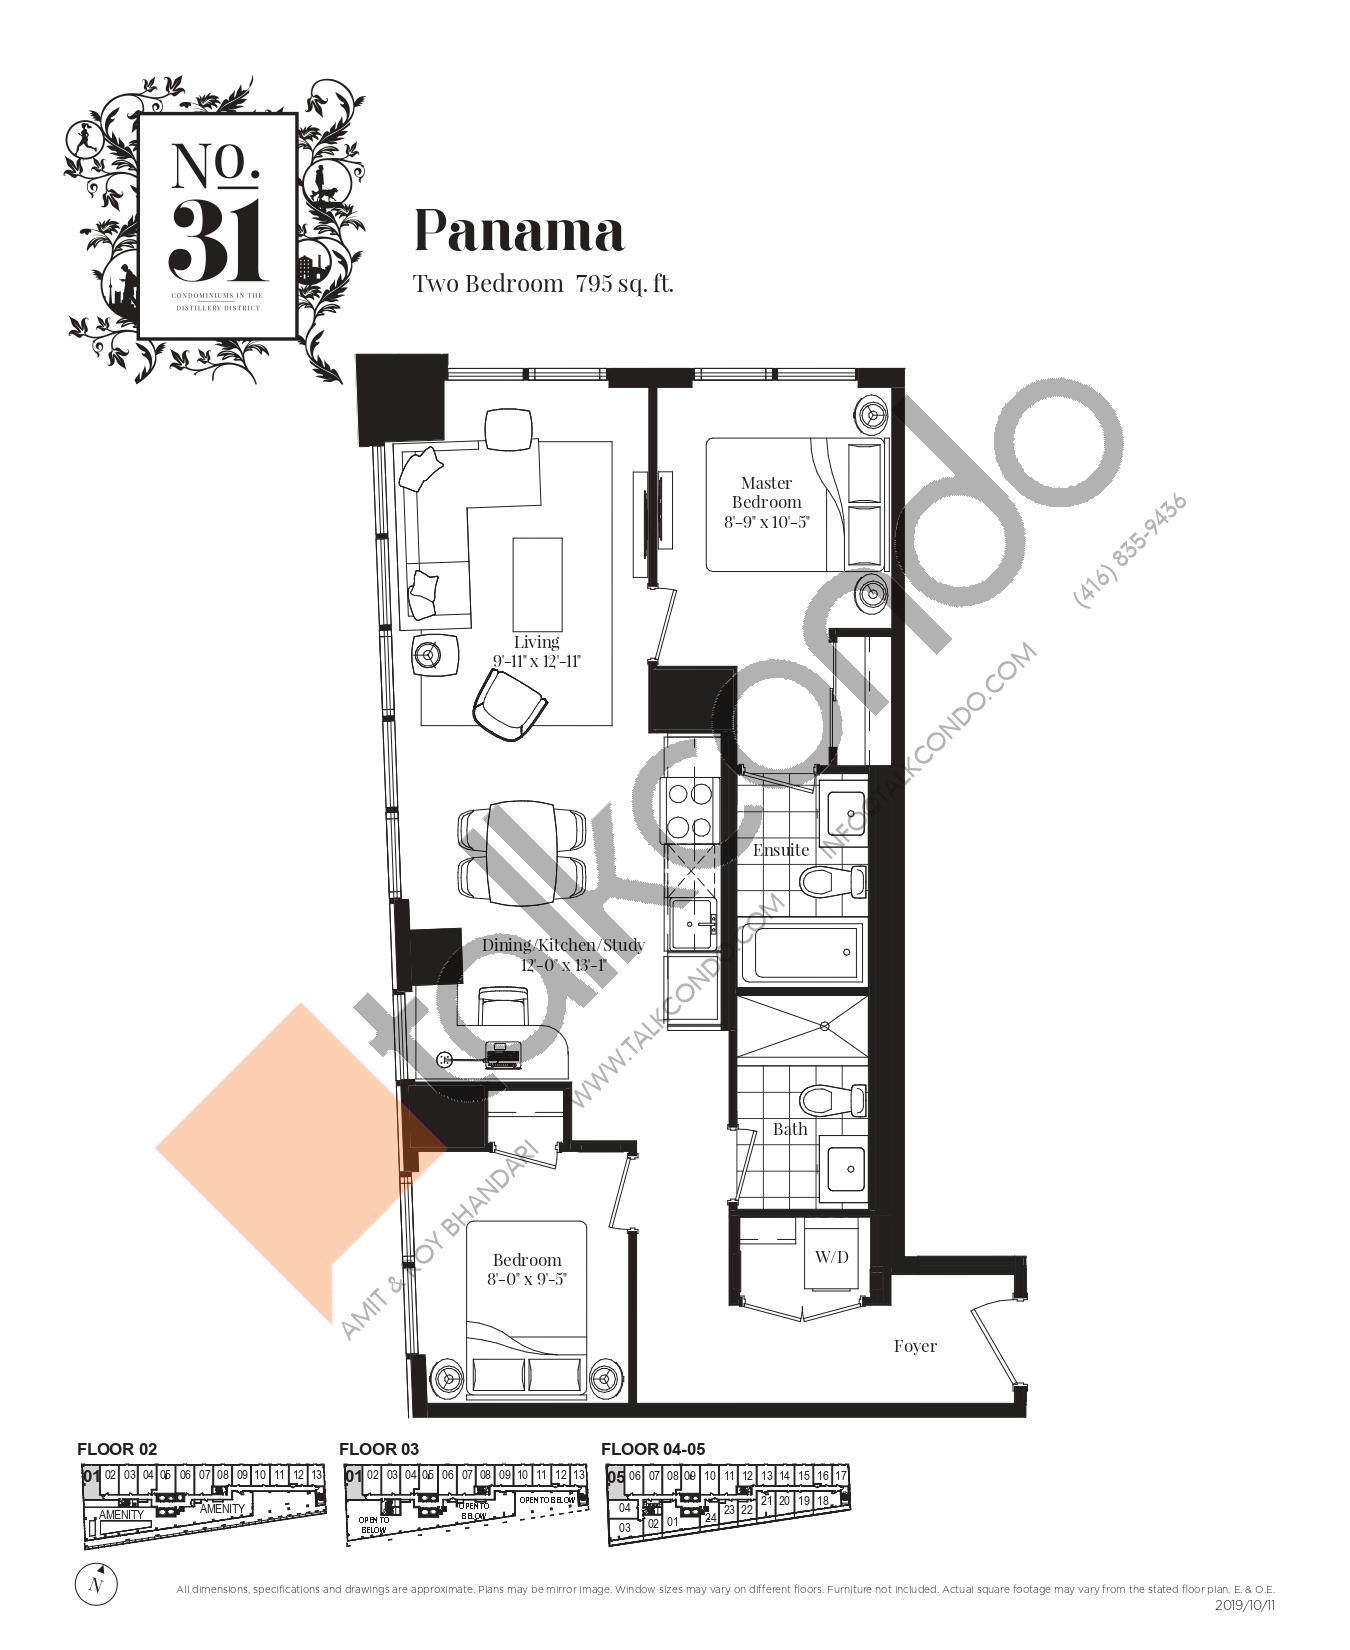 Panama Floor Plan at No. 31 Condos - 795 sq.ft